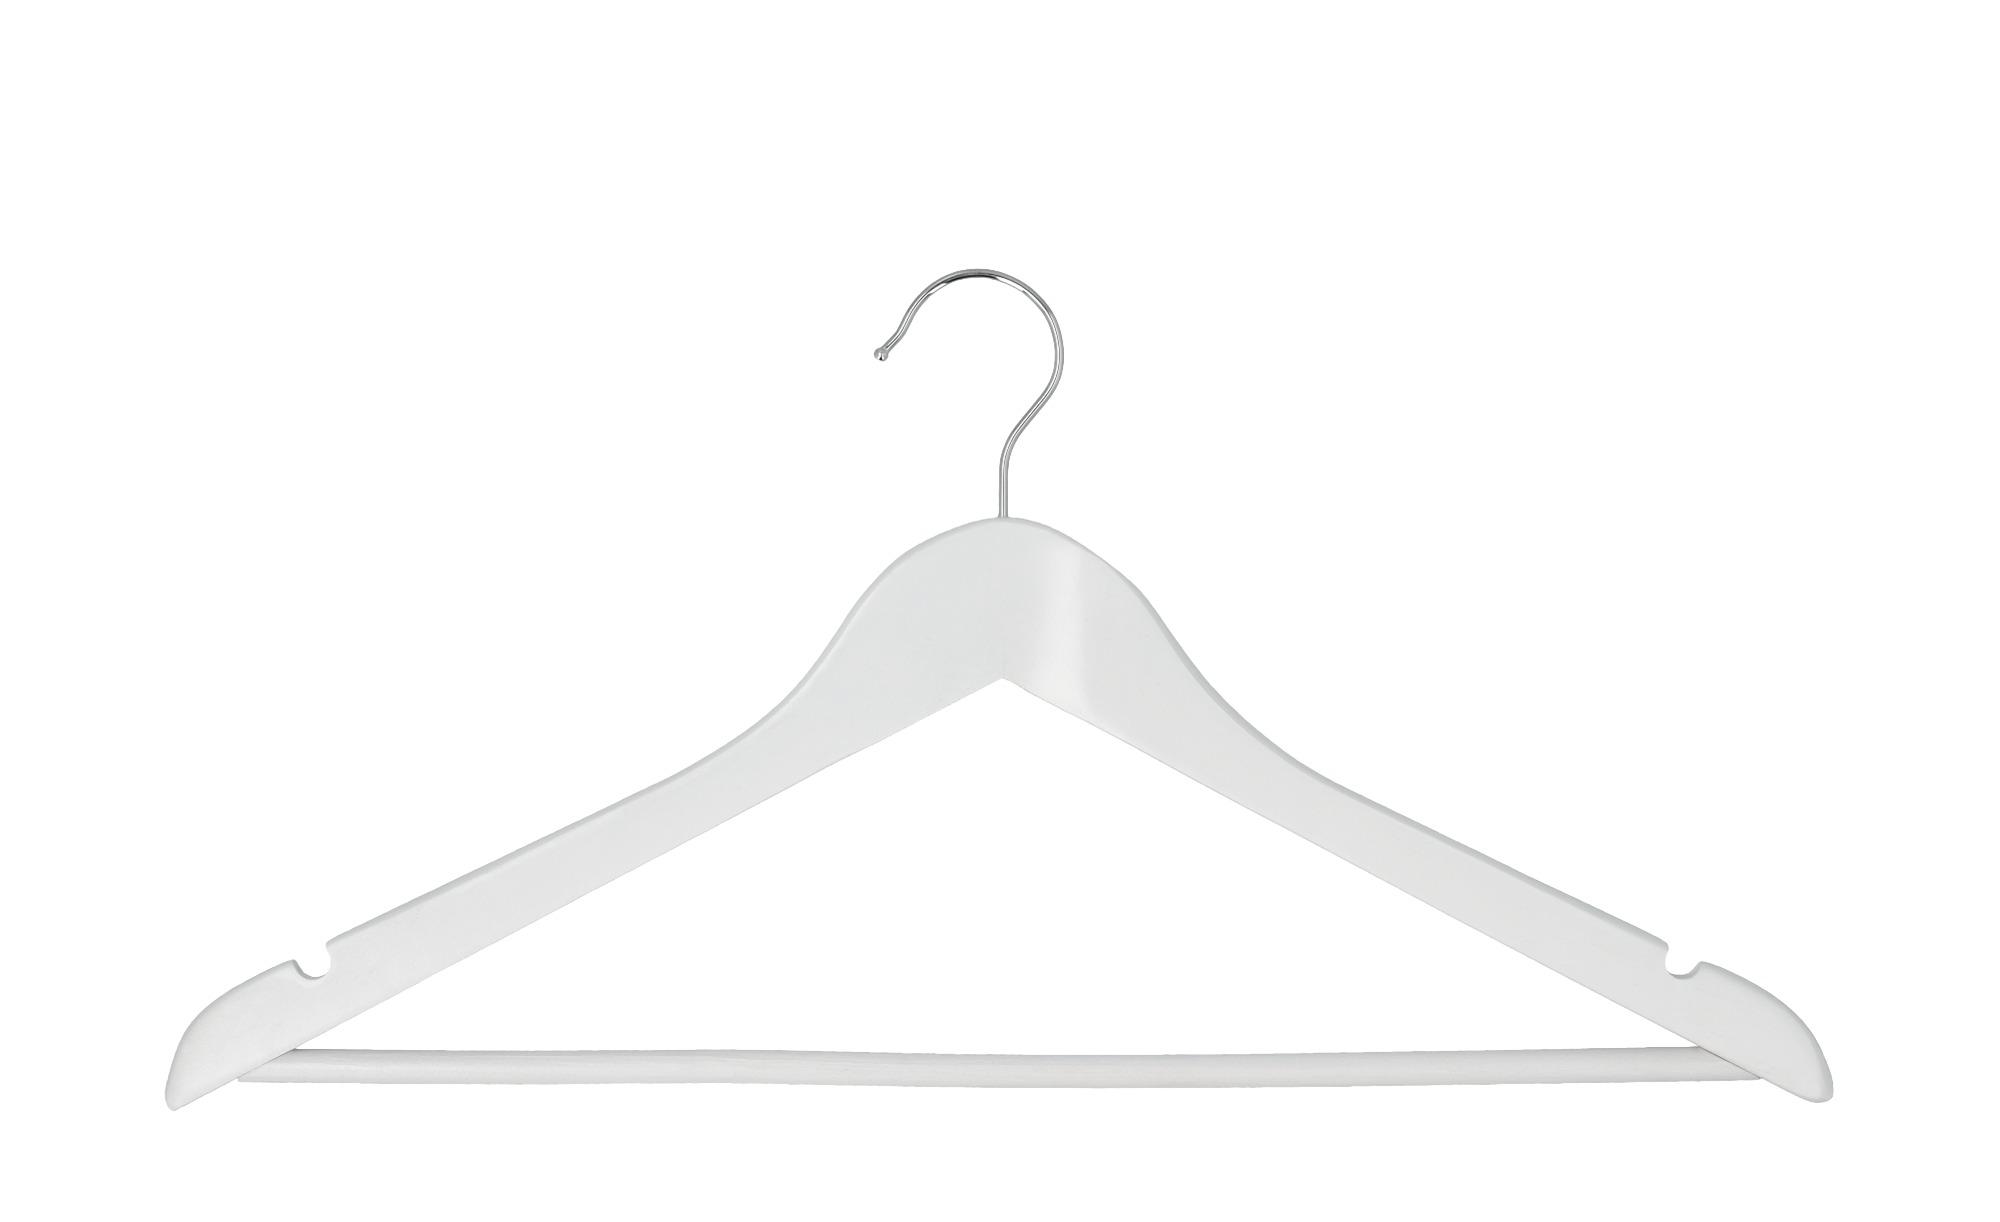 levelone Kleiderbügel, 5er-Set ¦ weiß ¦ Holz, Metall Aufbewahrung > Kleiderbügel - Höffner